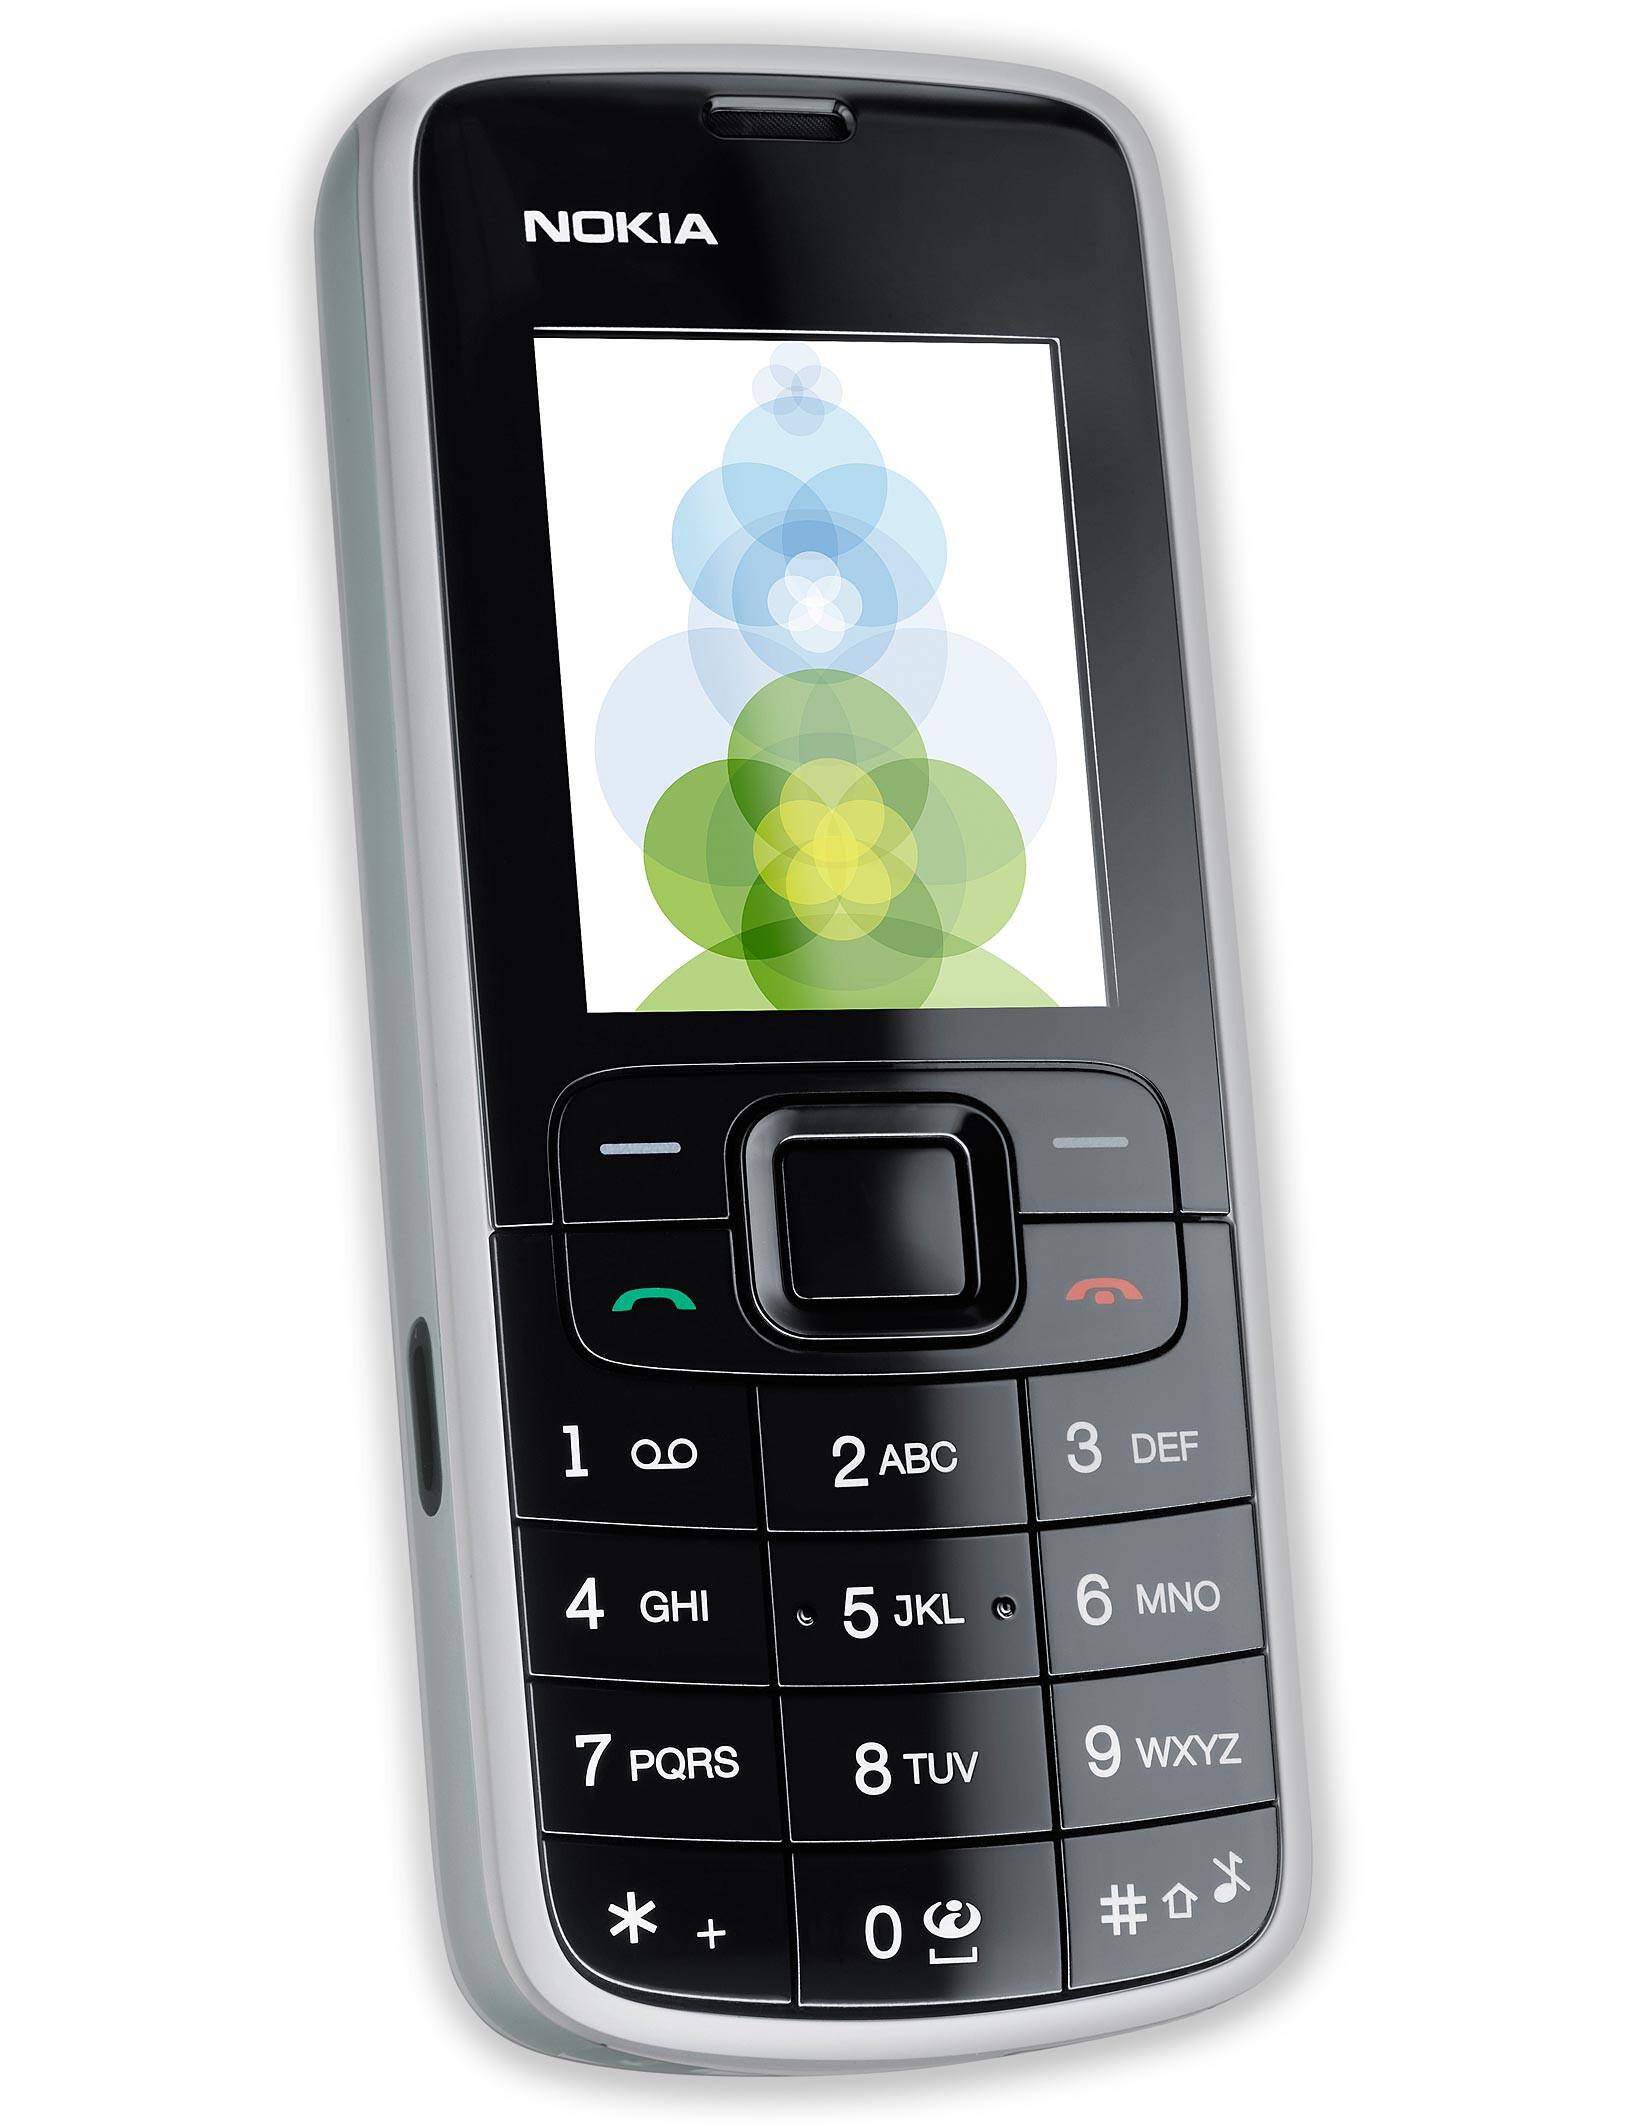 Nokia 3110 Evolve Specs